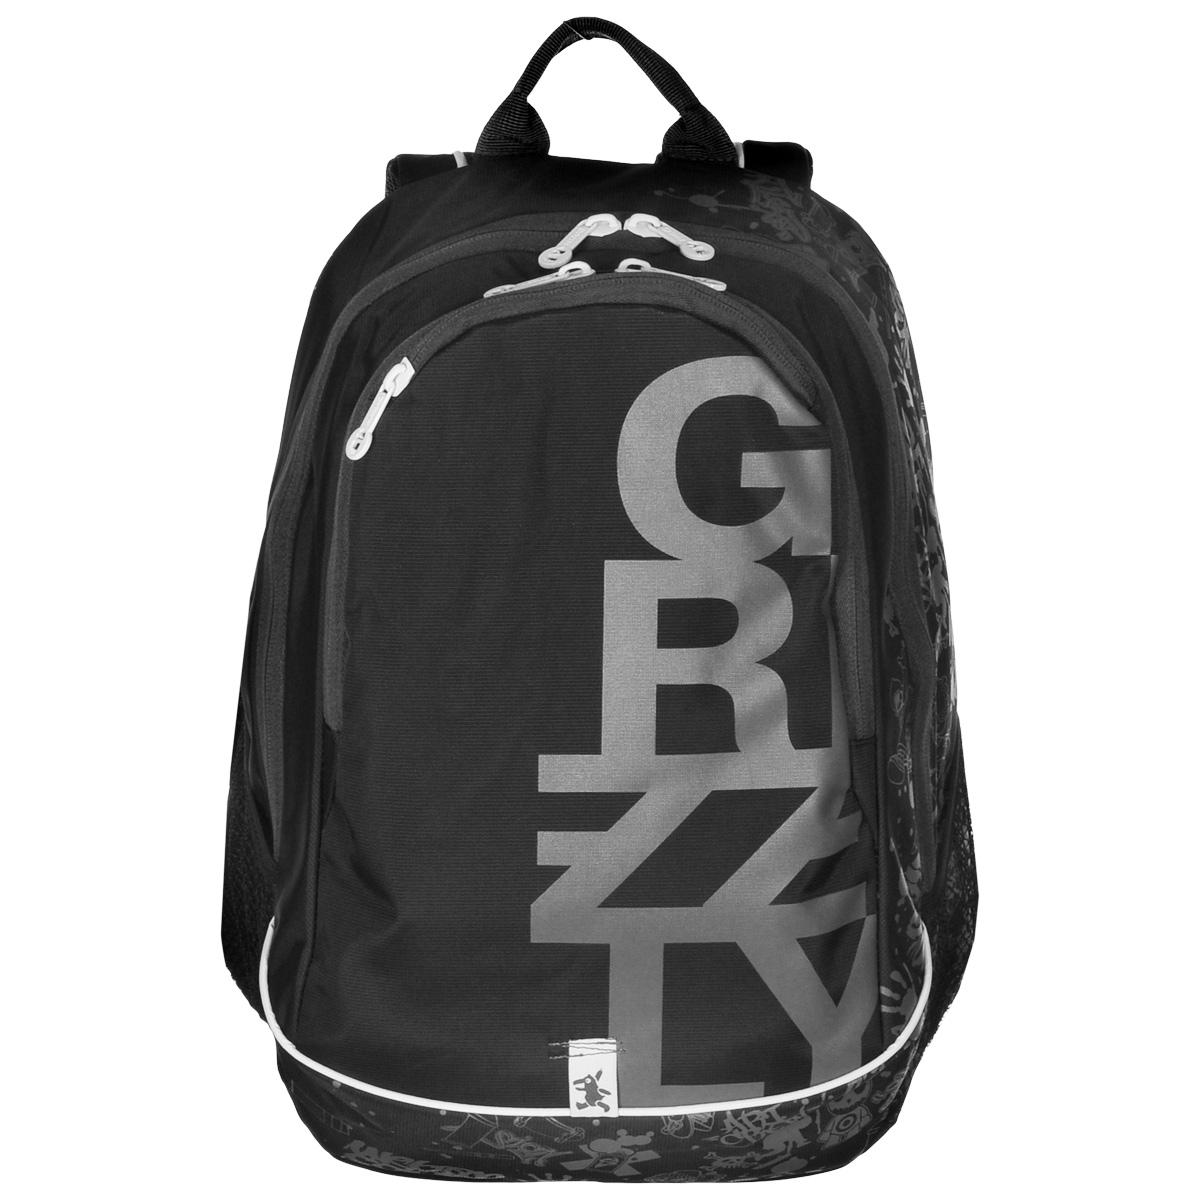 Рюкзак городской Grizzly, цвет: черный, серый, 29 л. RU-400-1/2RU-400-1/2Рюкзак Grizzly - это оригинальный молодежный рюкзак со стильным принтом и множеством удобных отделений. Верх изделия выполнен из нейлона, внутренняя поверхность отделана полиэстером зеленого цвета. Рюкзак имеет два отделения, которые закрываются на застежку-молнию. Внутри первого отделения содержится вшитый карман на молнии и пластиковый карман для визитки, внутри второго - сетчатый карман на молнии и 3 открытых кармашка. Модель имеет жесткую рельефную спинку с мягкими вставками и анатомическими лямками. На передней стенке содержится карман на молнии, по бокам расположено 2 сетчатых кармана. Такой рюкзак подчеркнет ваш стиль и поможет выделиться из толпы.